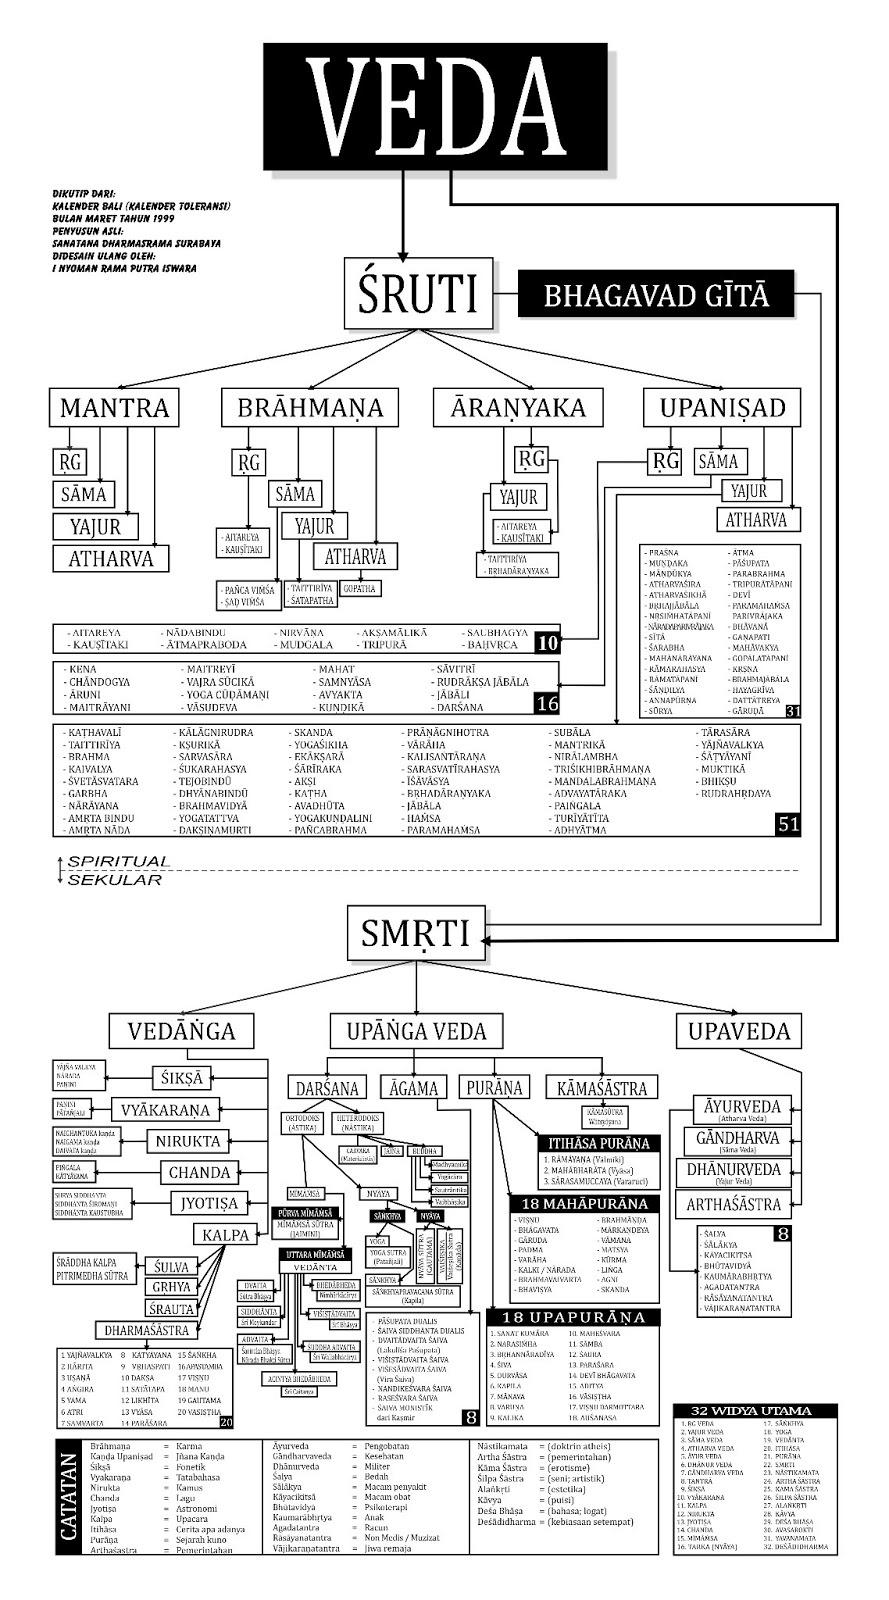 Isi Kitab Suci Agama Hindu : kitab, agama, hindu, Apakah, Setiap, Orang, Beragama, Hindu, Perlu/wajib, Memiliki, Kitab, Weda?, Quora